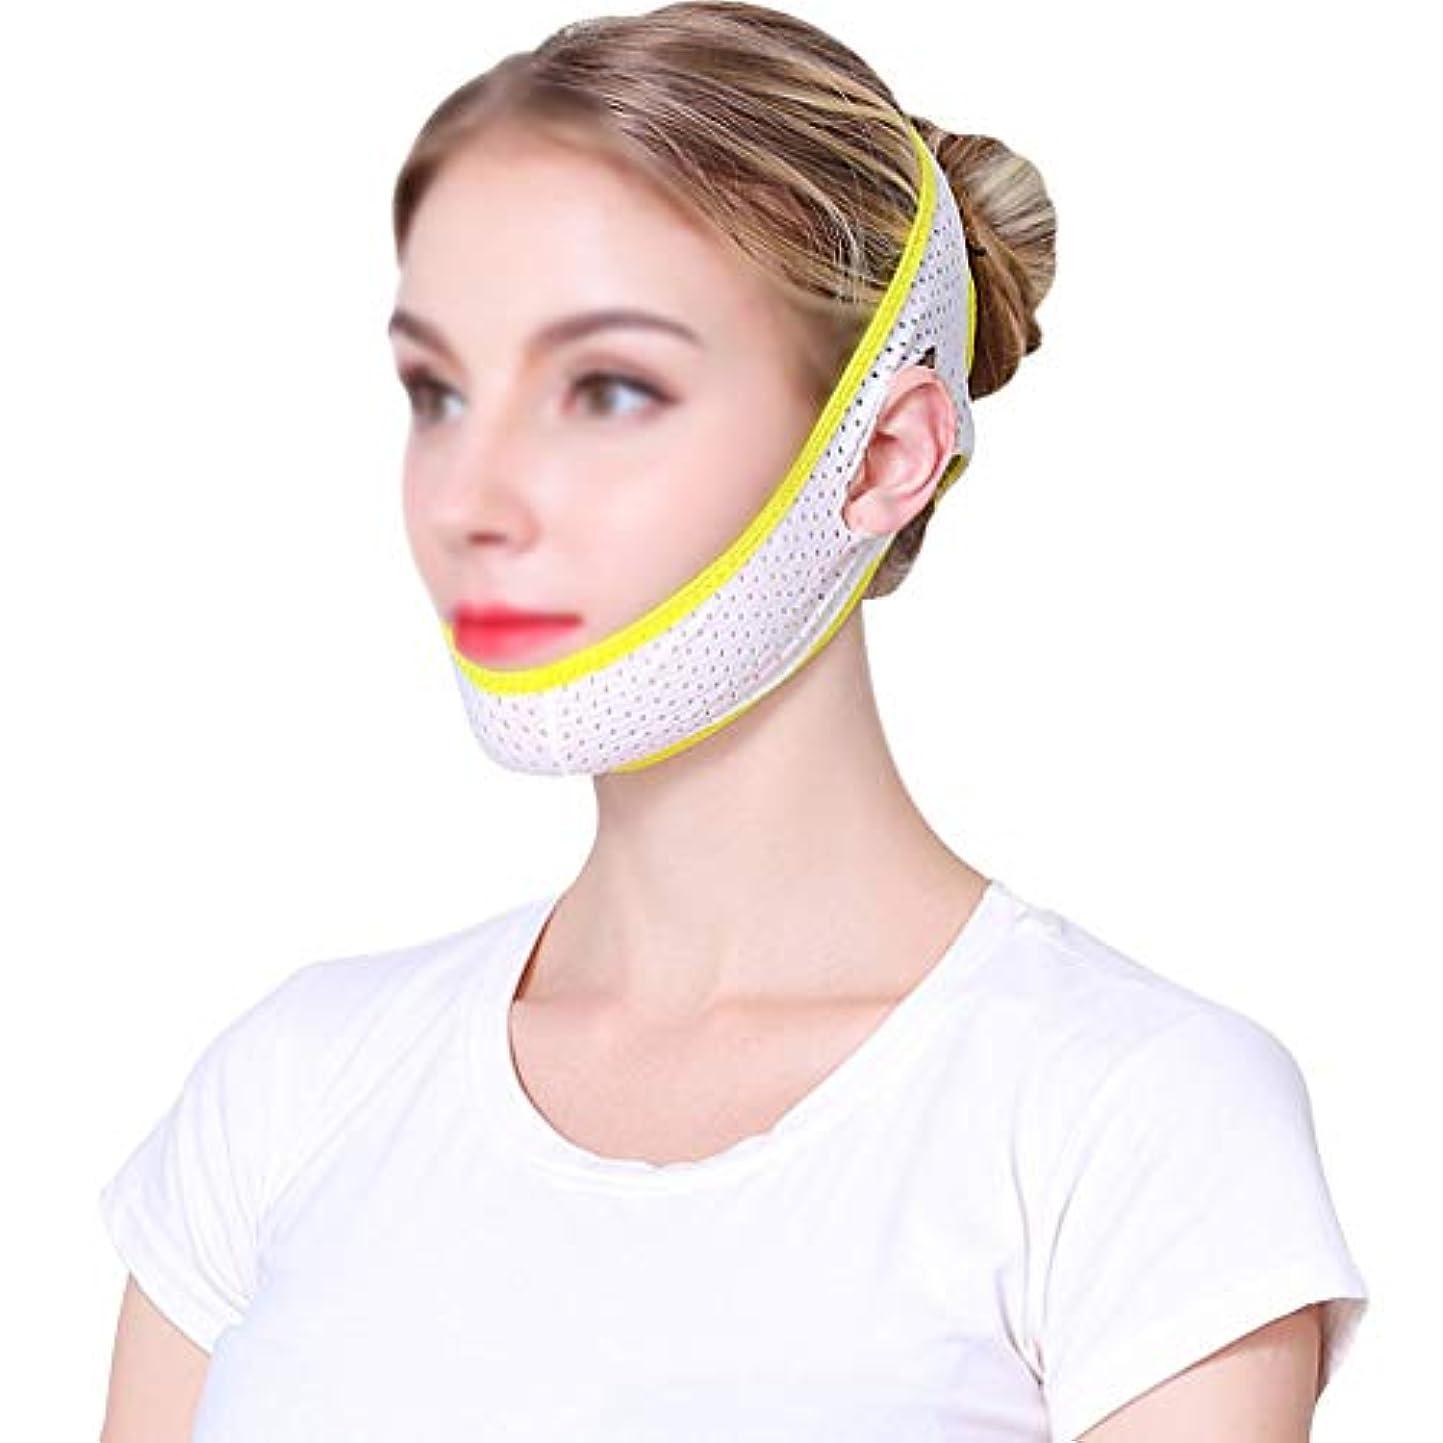 助言する施しハムLJK マスク包帯を持ち上げて、整形手術の夏通気性の薄いセクション二重あごストラップVフェイス薄いフェイスマスク